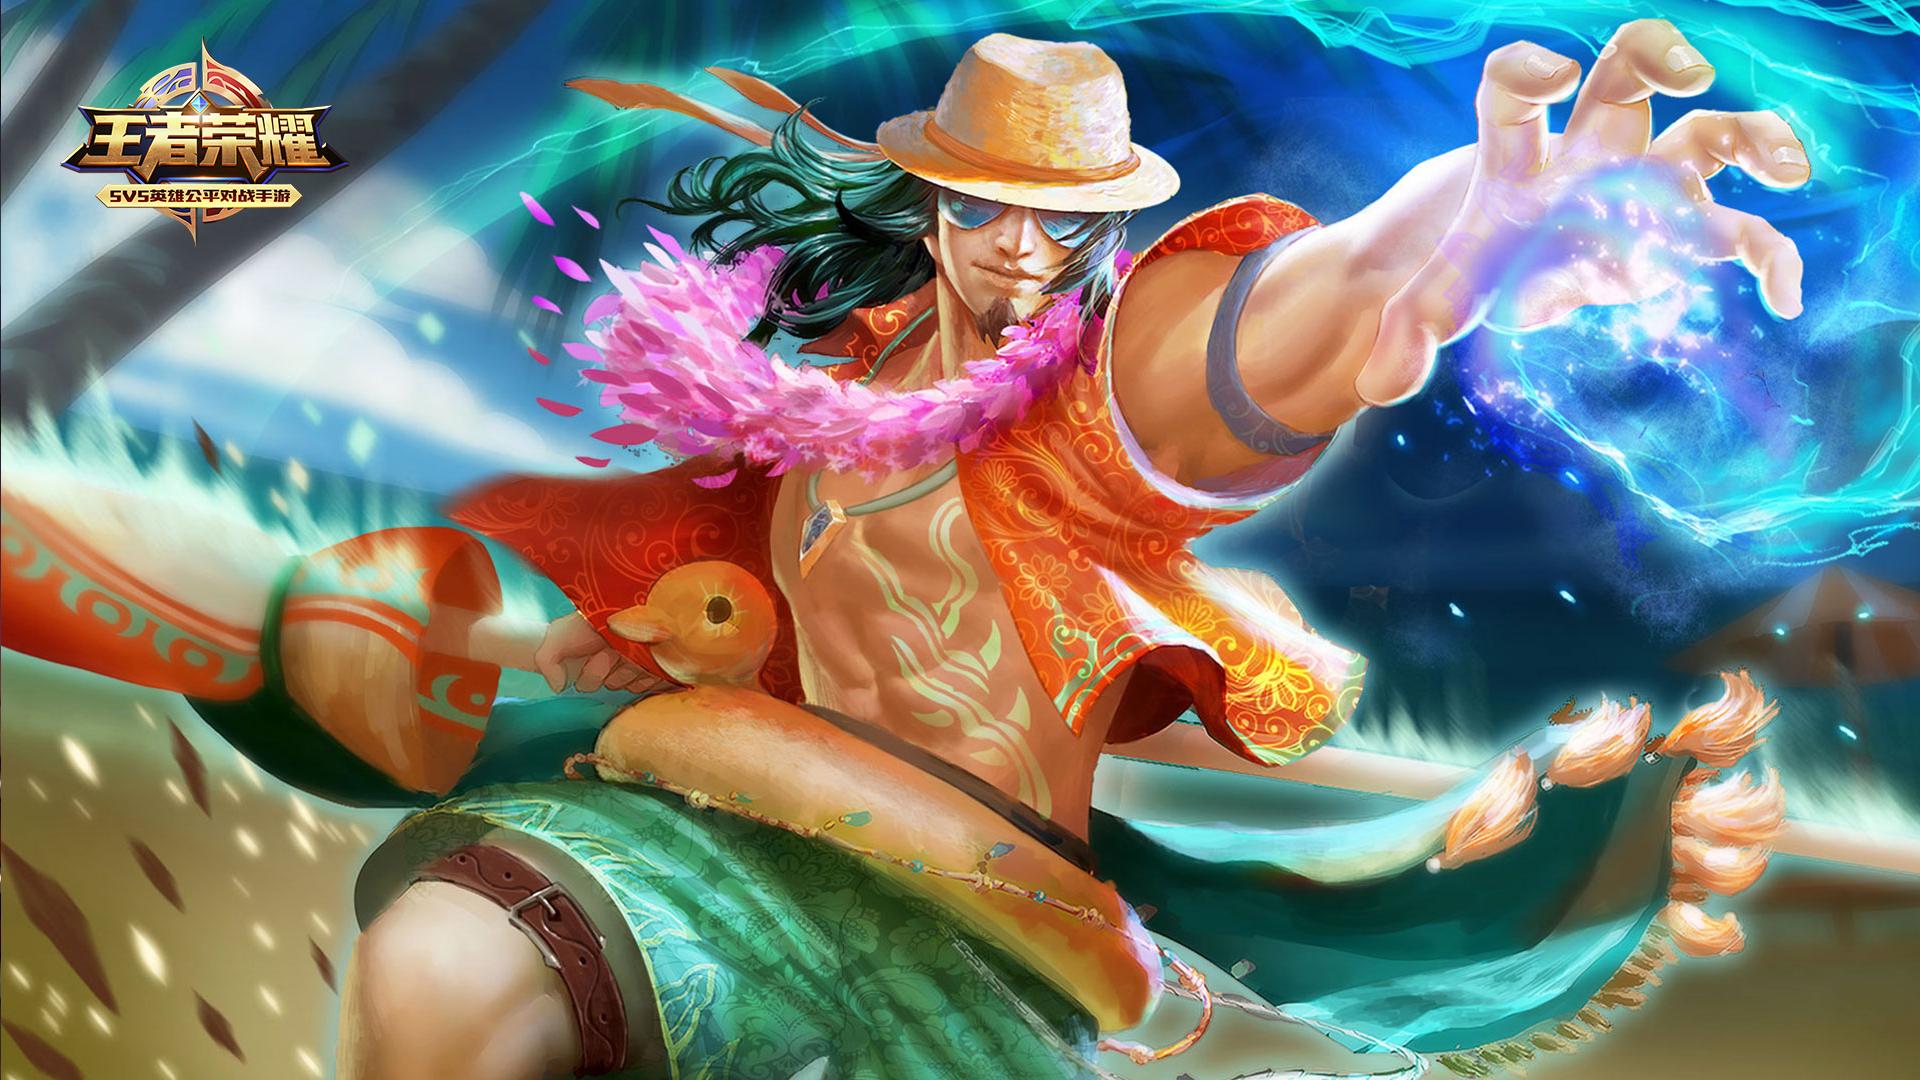 第1弹《王者荣耀英雄皮肤CG》竞技游戏105